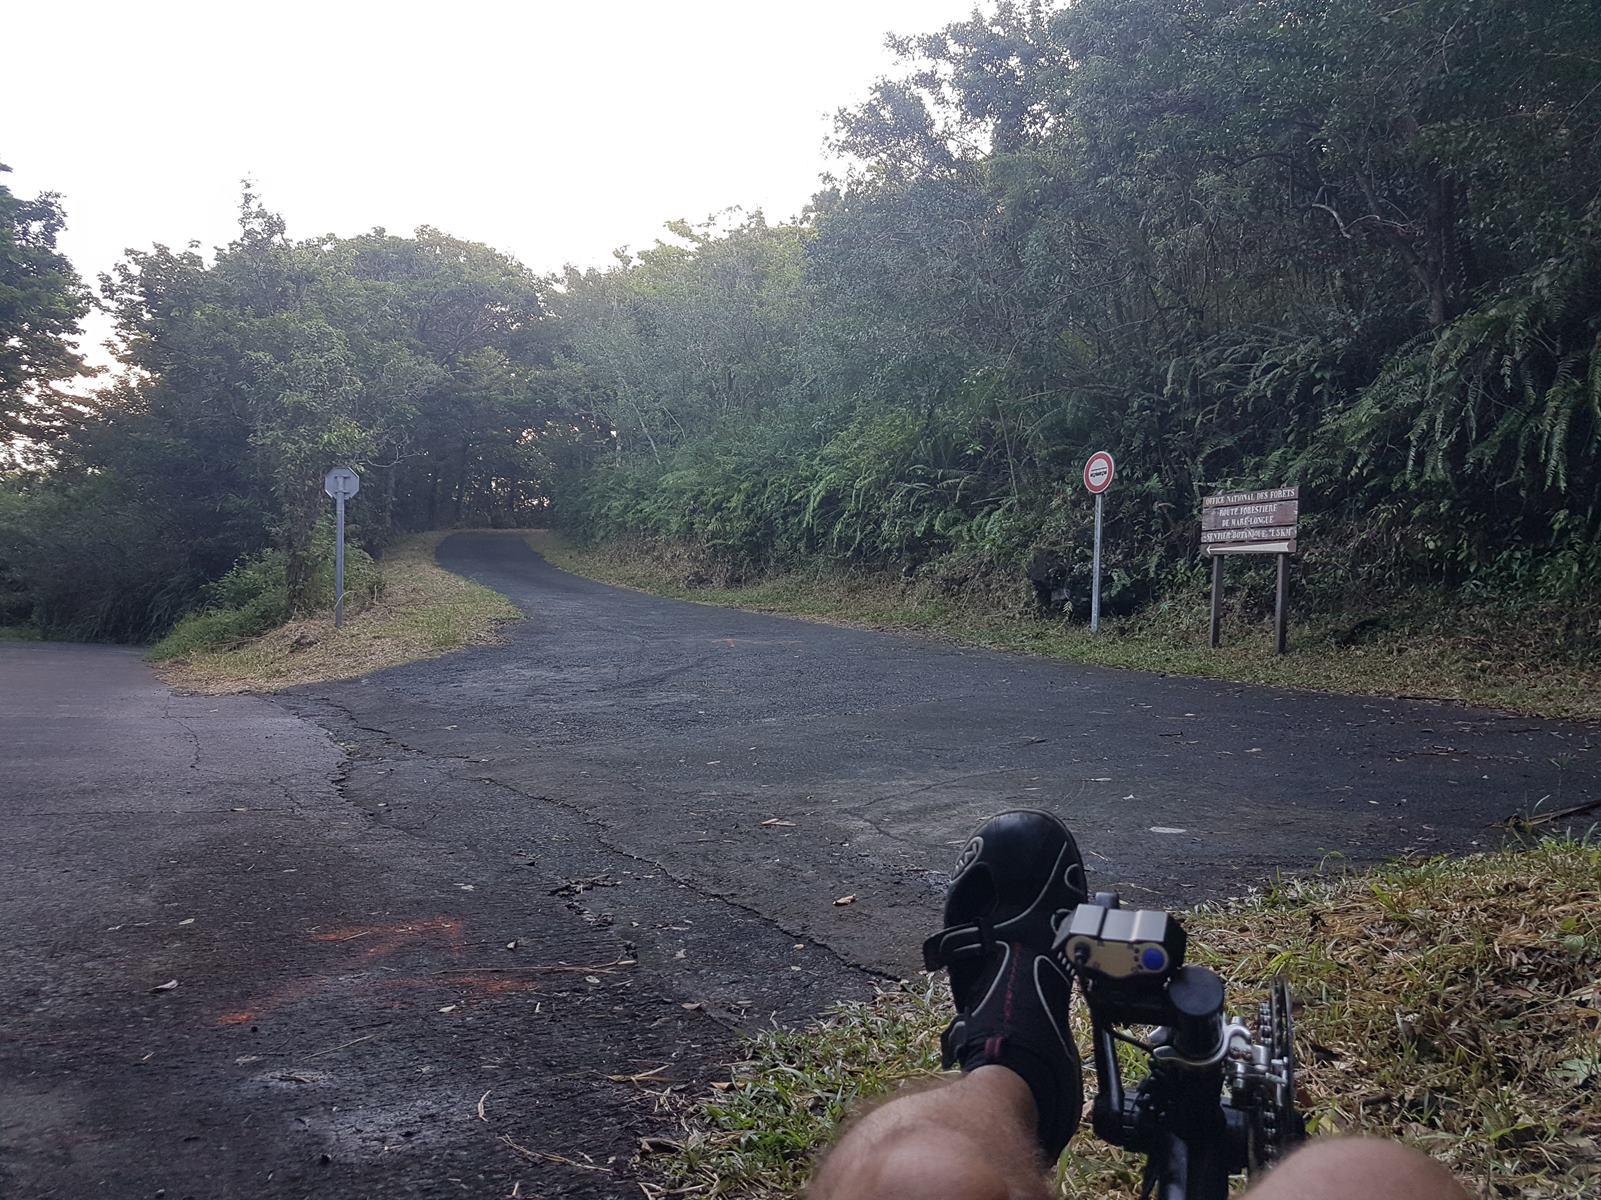 Balade à Saint Philippe forêt de Marelongue Ile de la Réunion